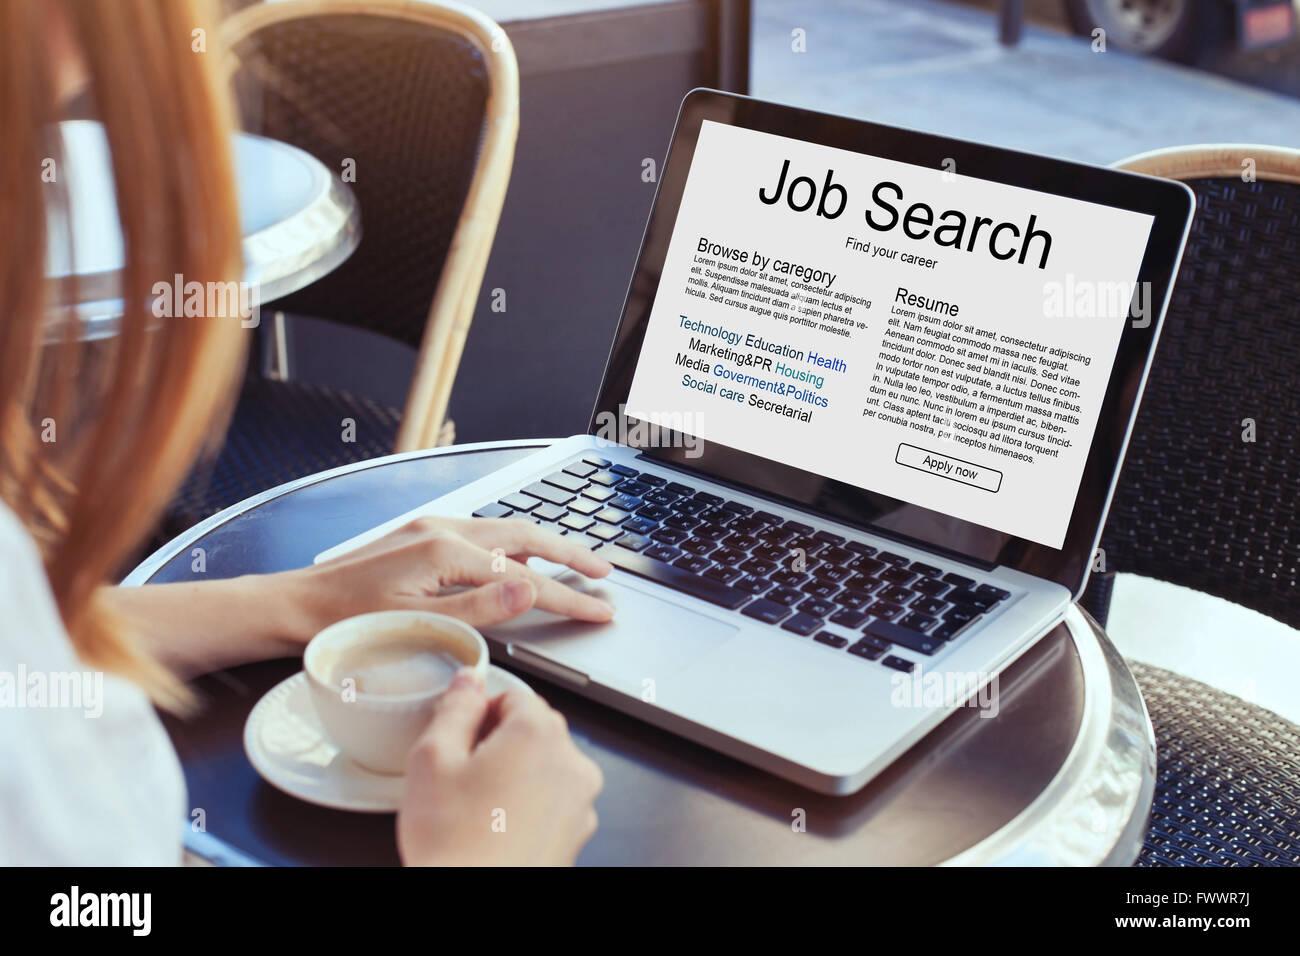 Concept de recherche d'emploi, trouver votre carrière, site web en ligne Photo Stock